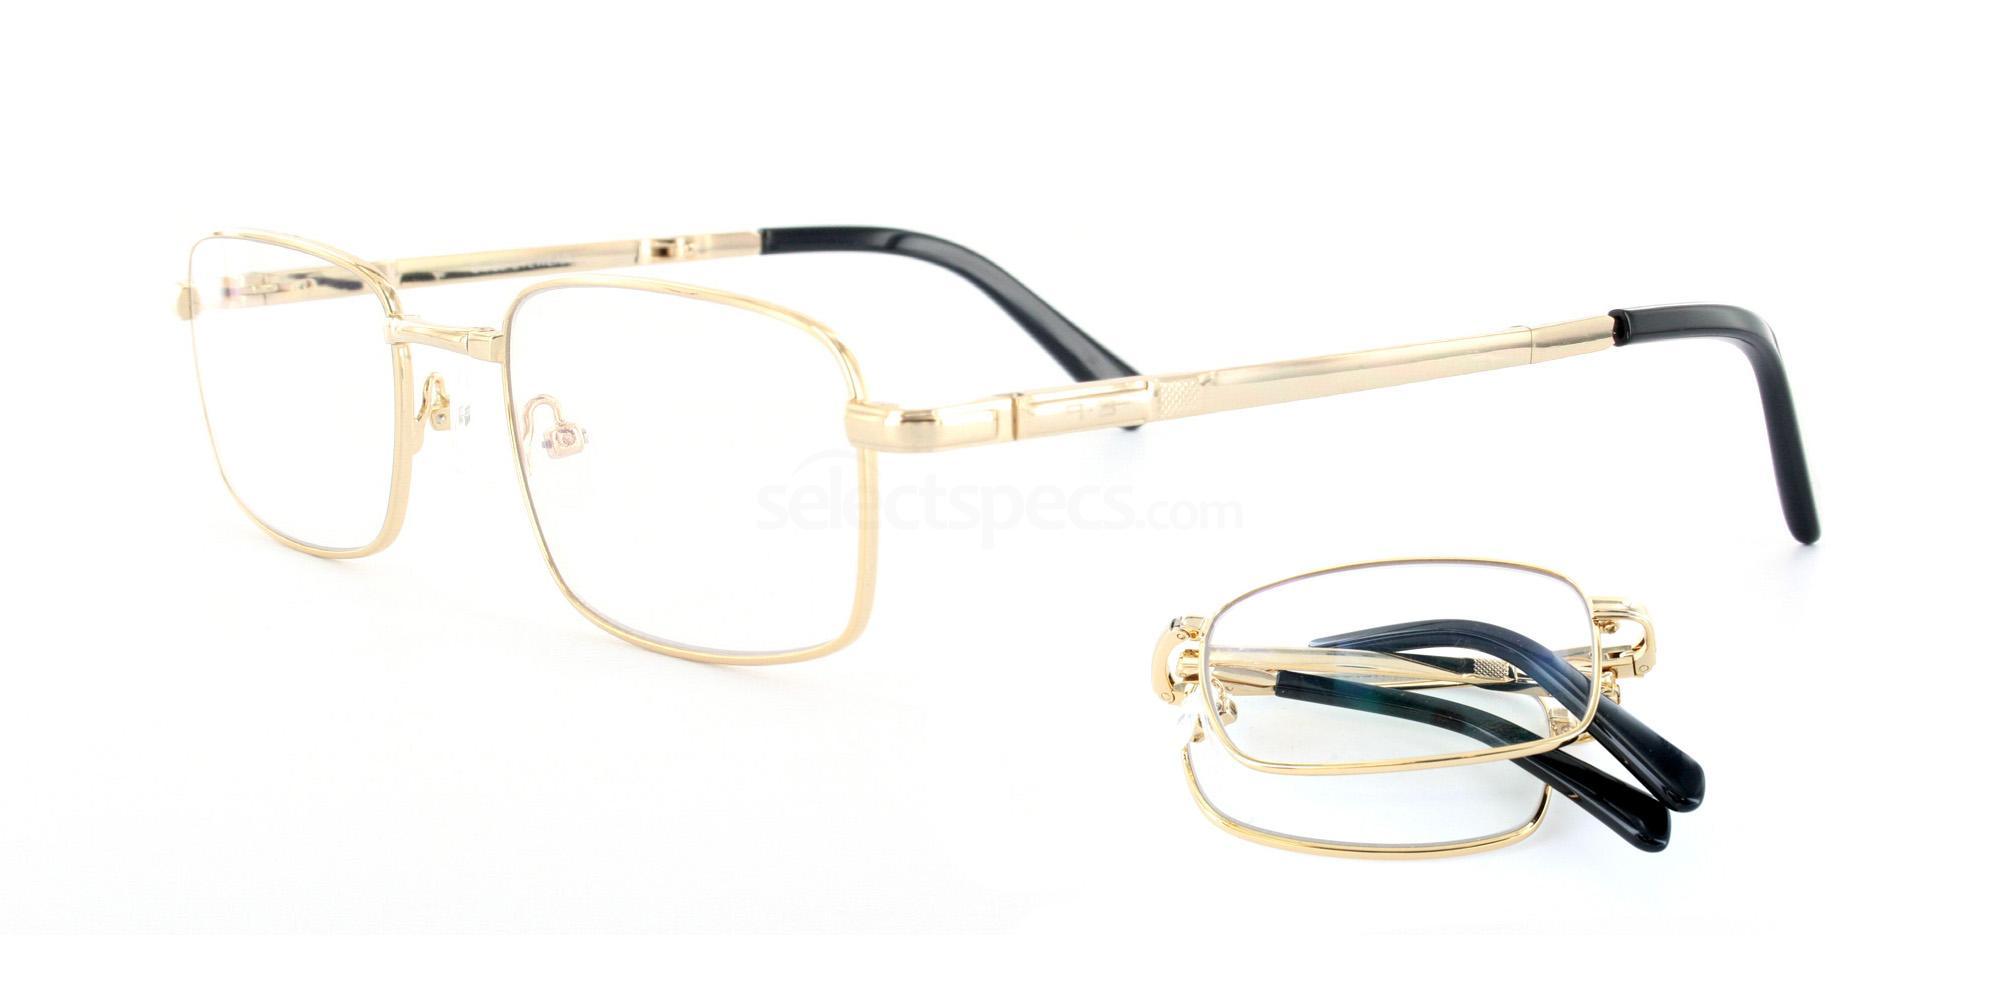 C1 Q6217 - Fold Up Glasses , Infinity